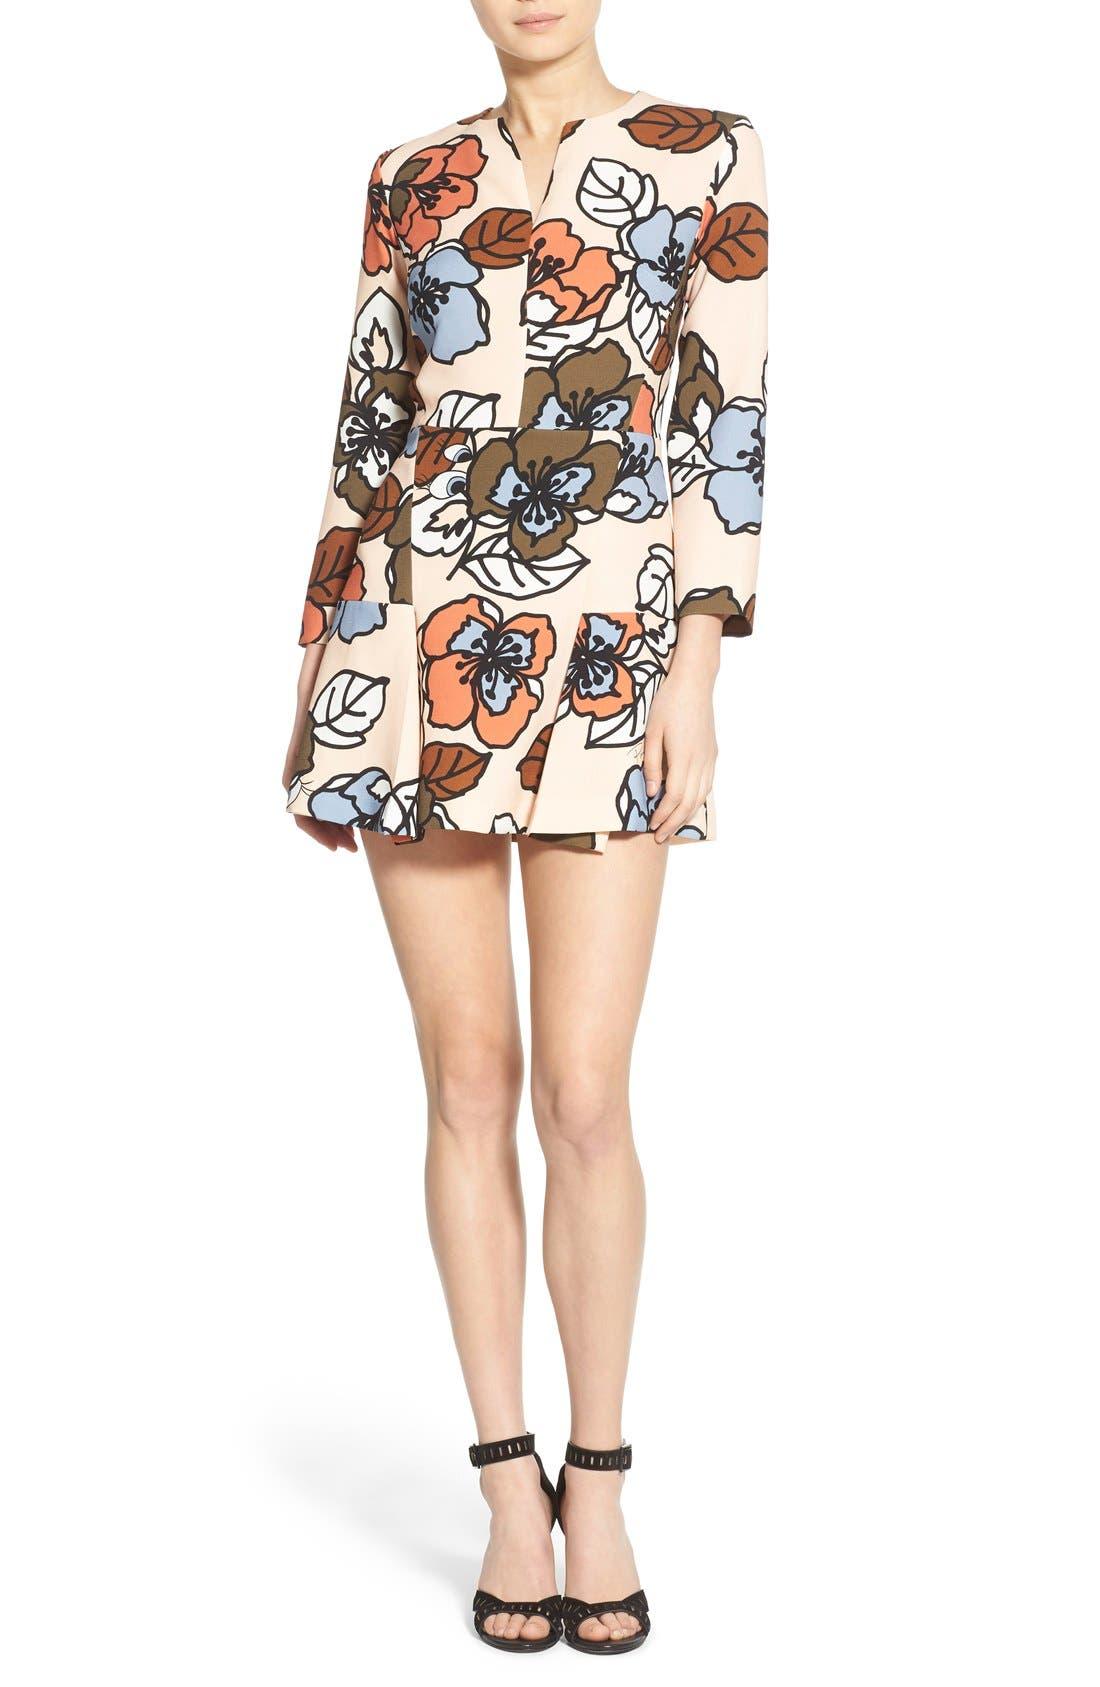 Alternate Image 1 Selected - Paul & Joe Sister 'Meridienne' Floral Skater Dress